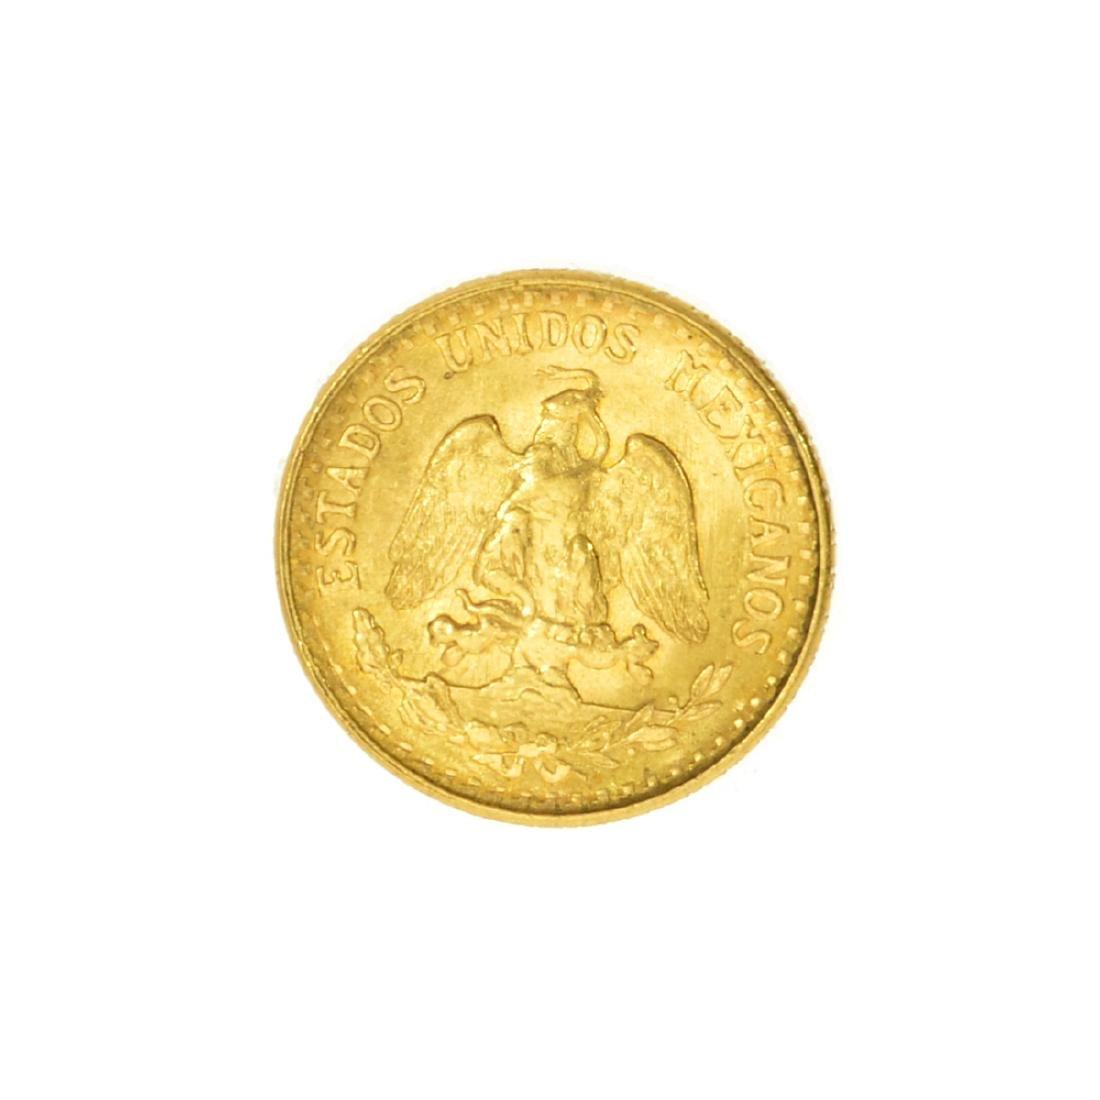 Rare 1945 Mexico Uncirculared Dos Pesos Gold Coin - 2